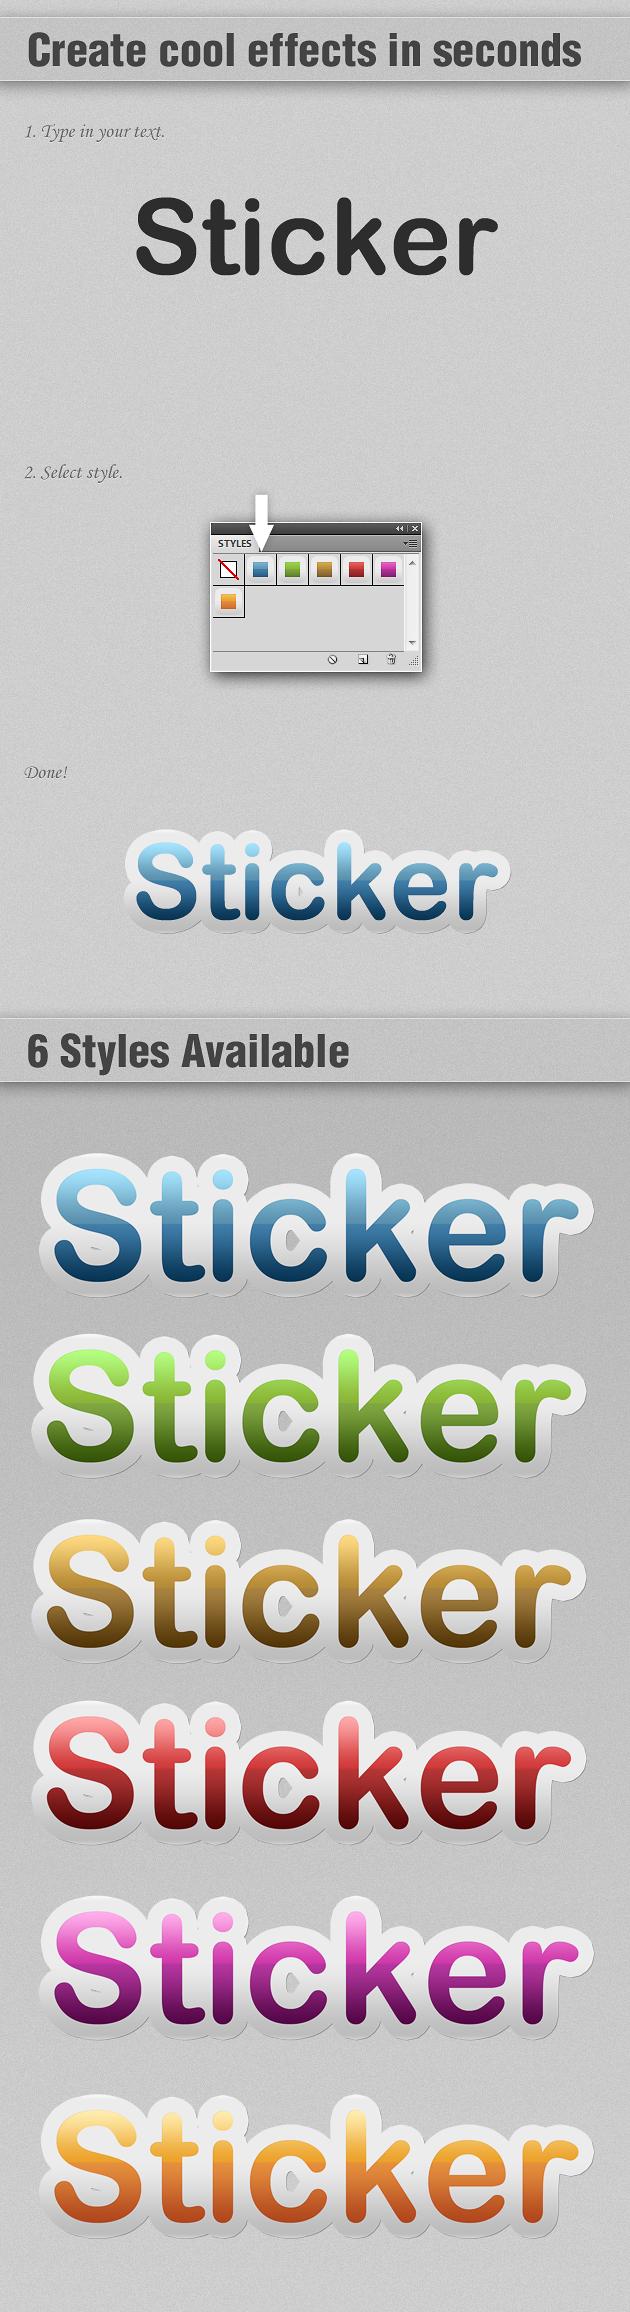 Sticker-Photoshop-Text-Styles designtnt sticker photoshop text styles large1